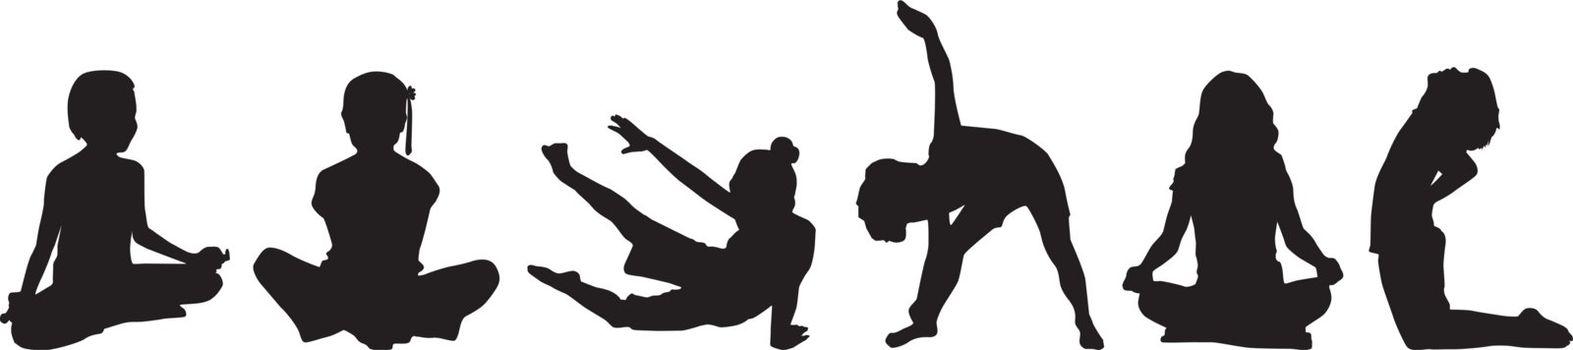 Silhouette child's yoga